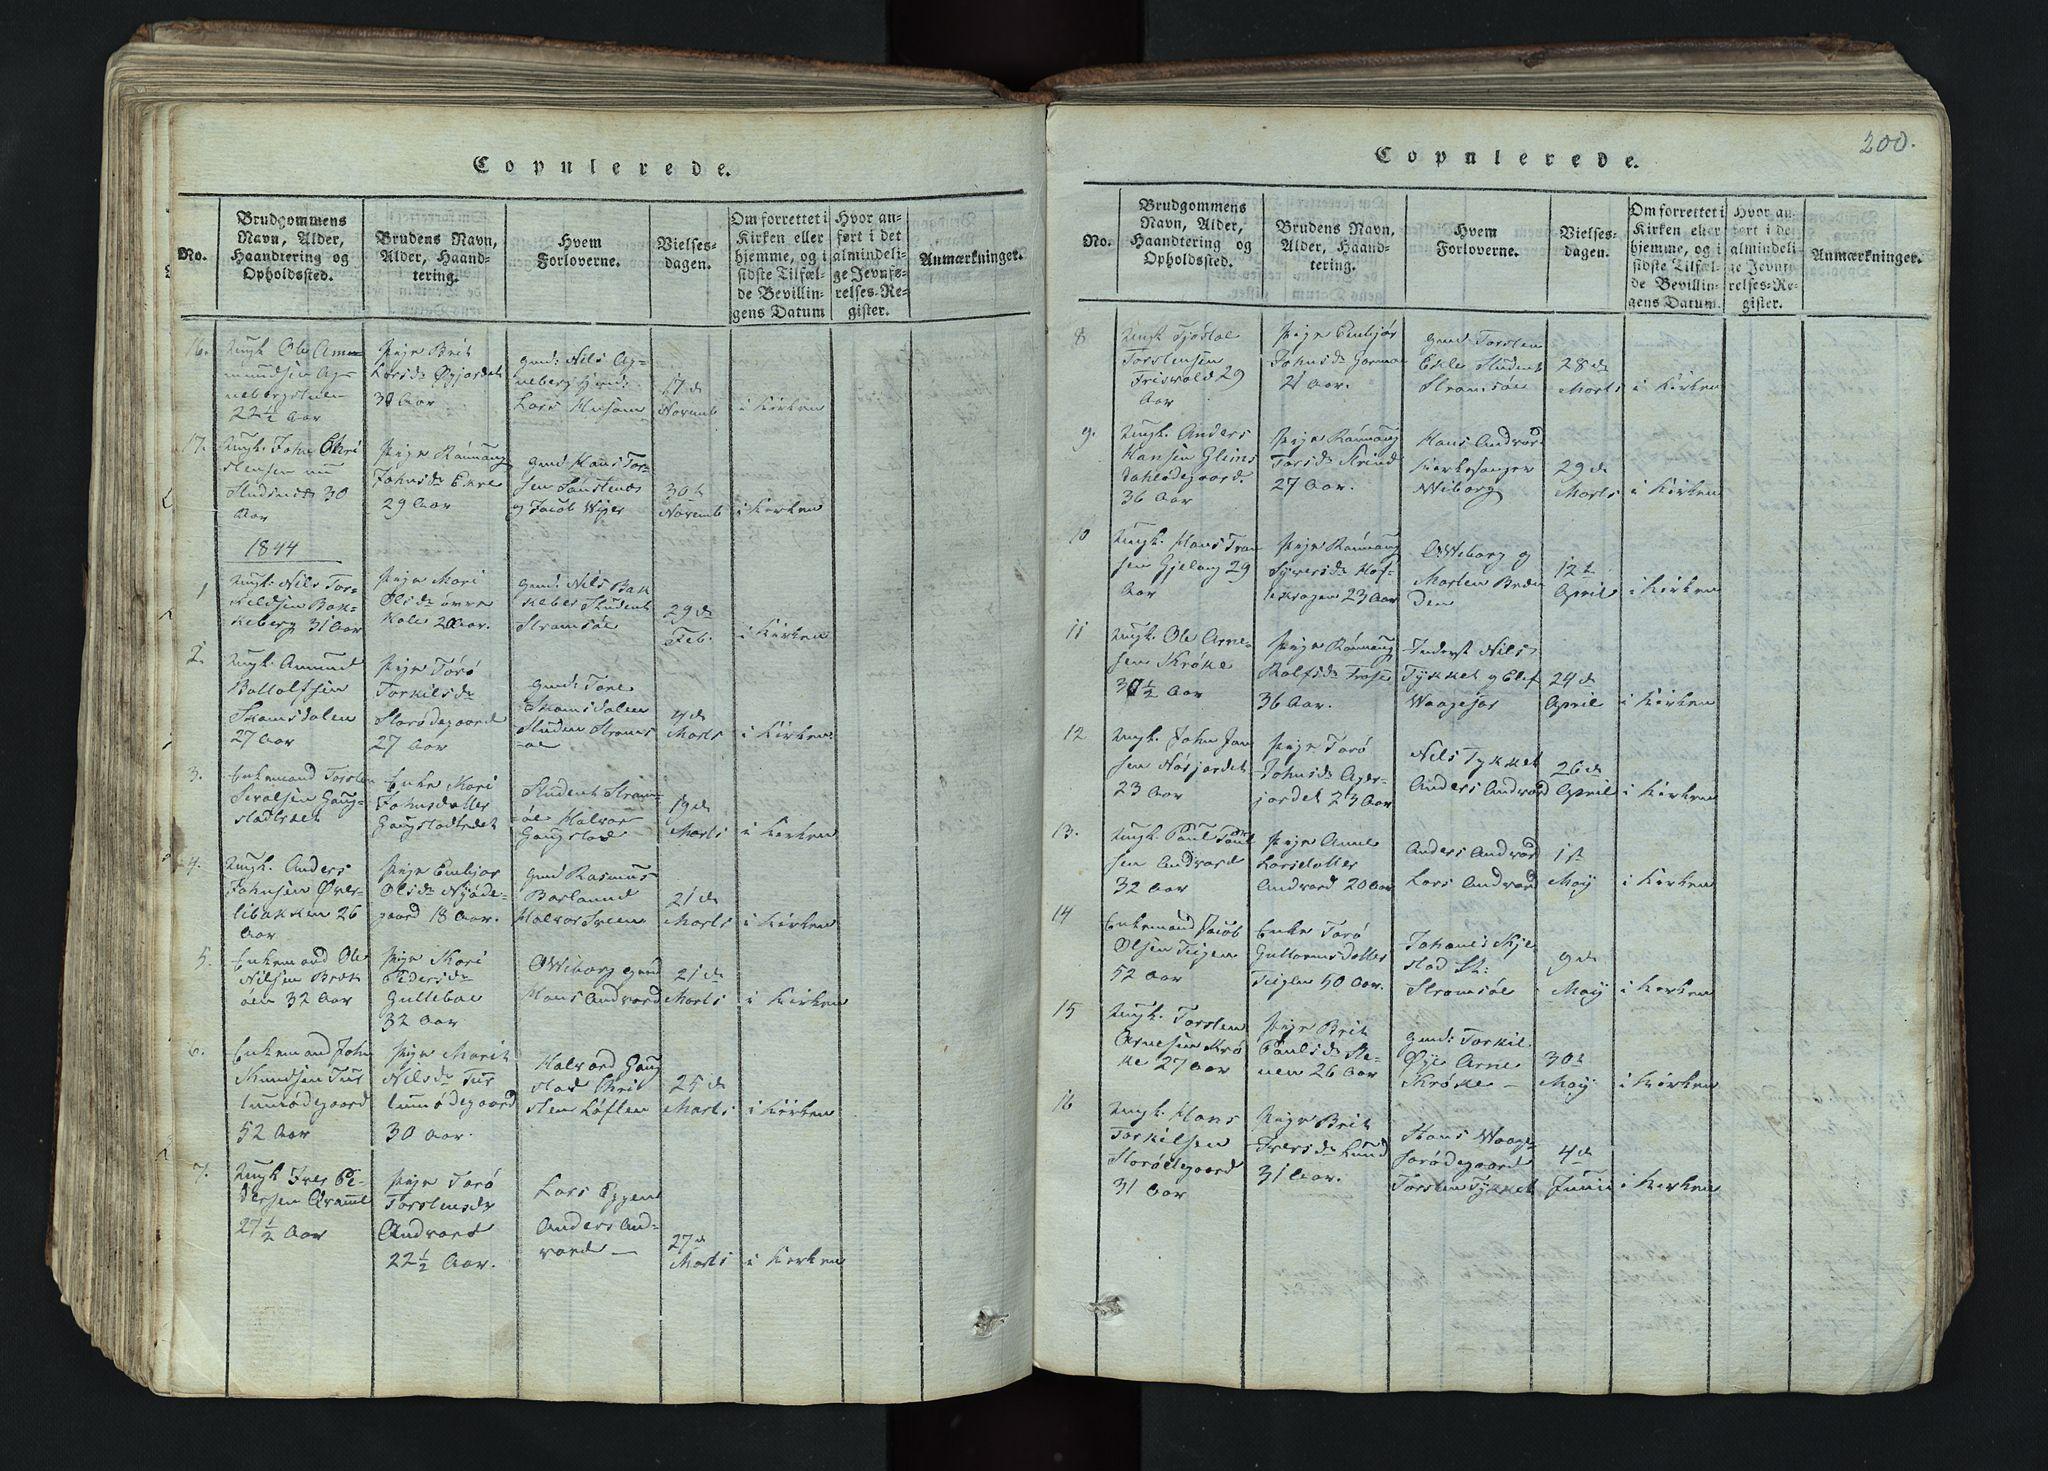 SAH, Lom prestekontor, L/L0002: Klokkerbok nr. 2, 1815-1844, s. 200